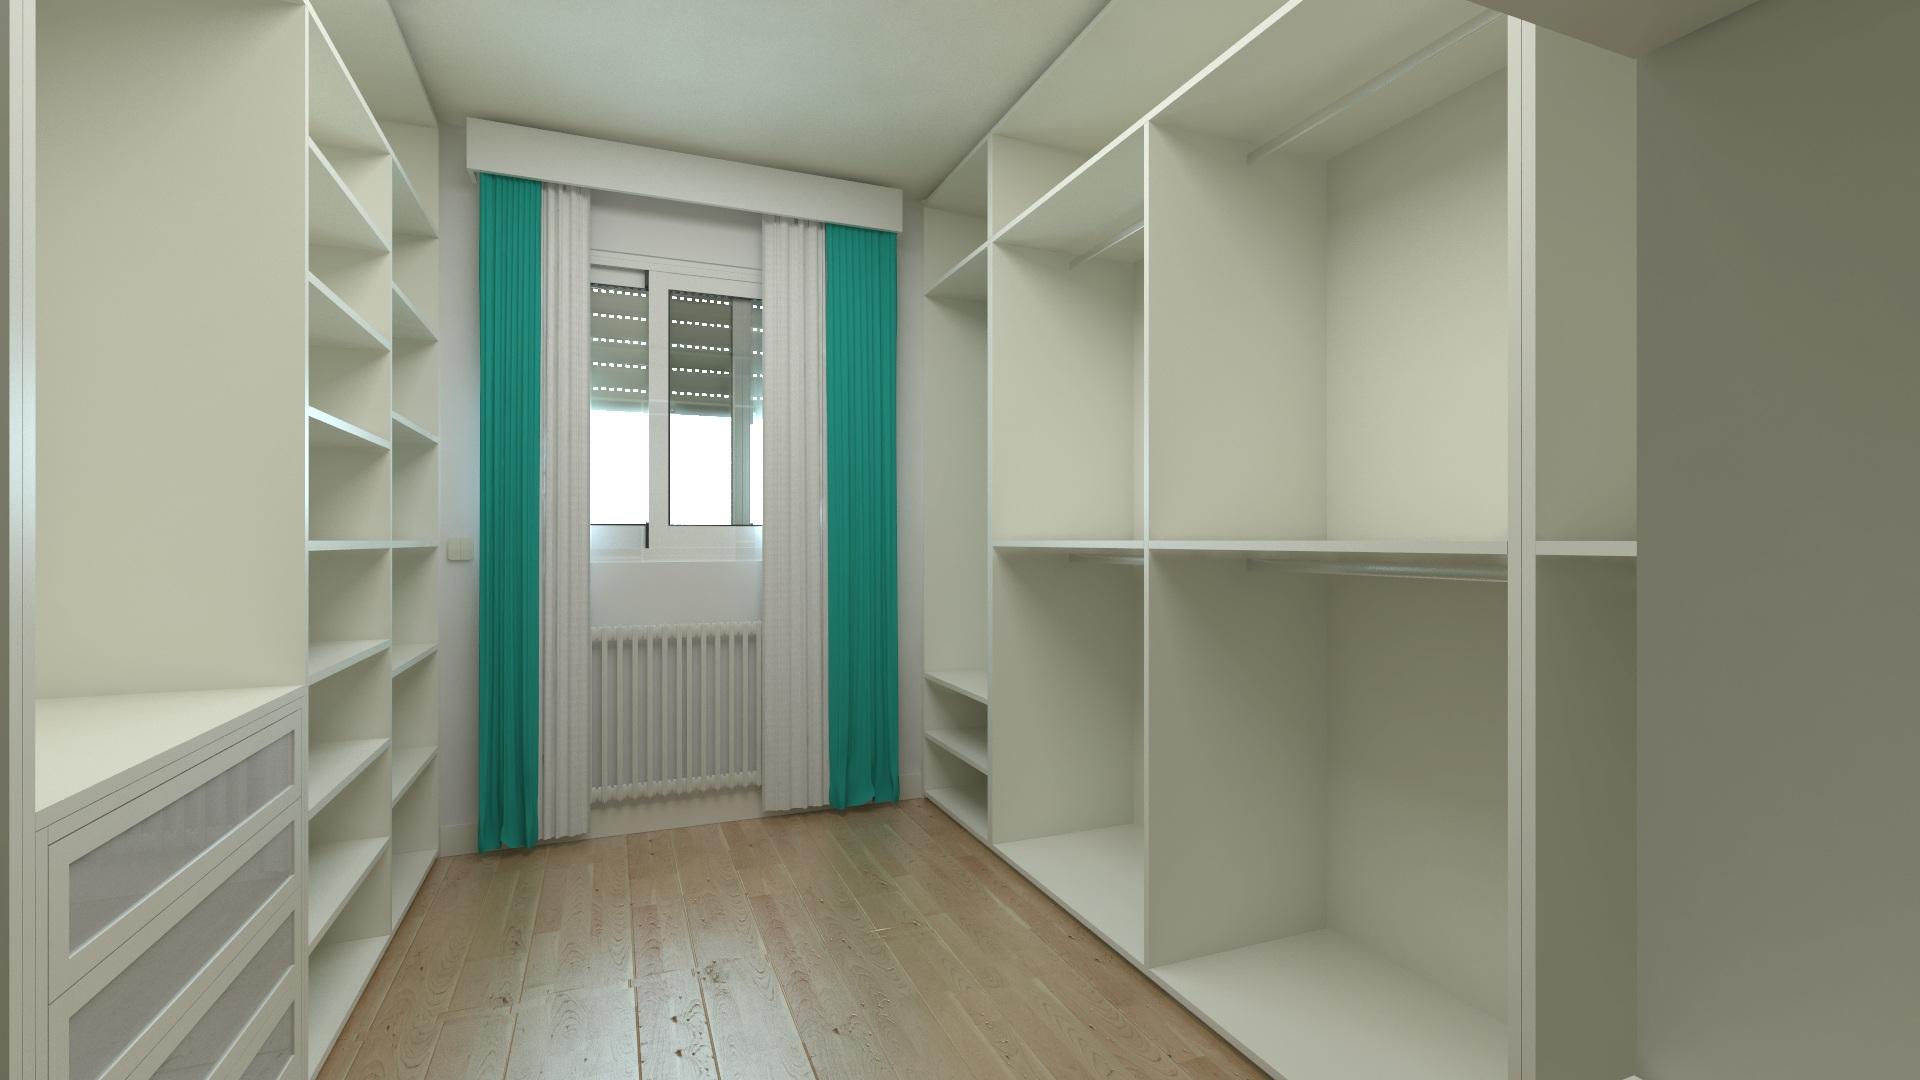 Kostenlose foto : Stock, Zuhause, Halle, Eigentum, Möbel, Zimmer ...